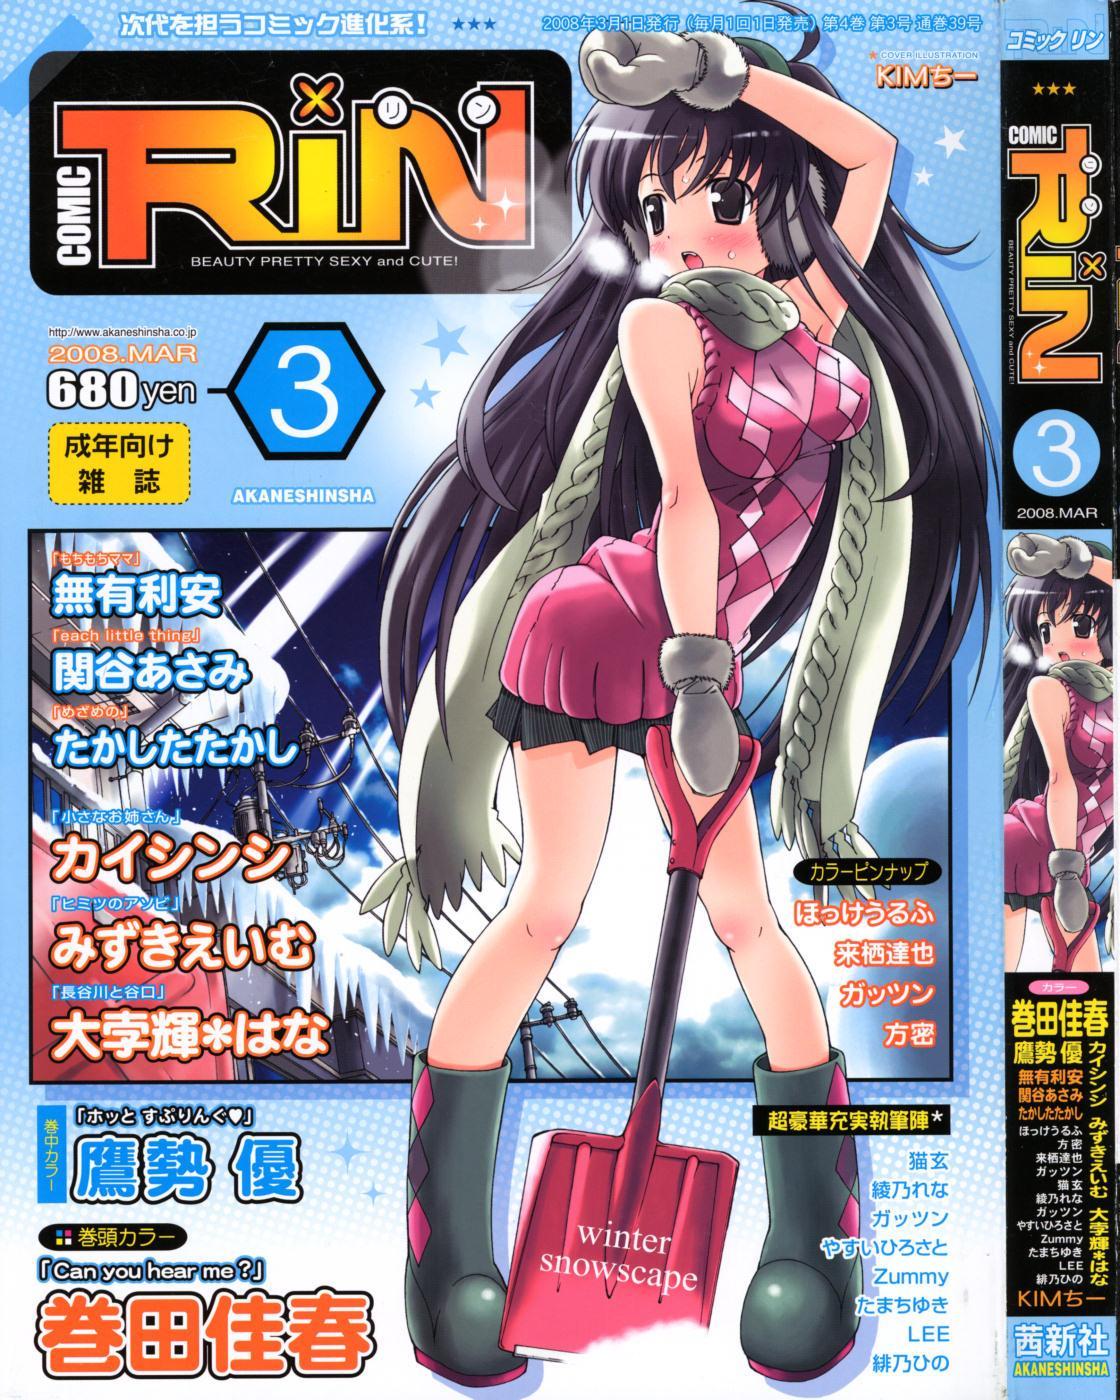 COMIC RiN 2008-03 0